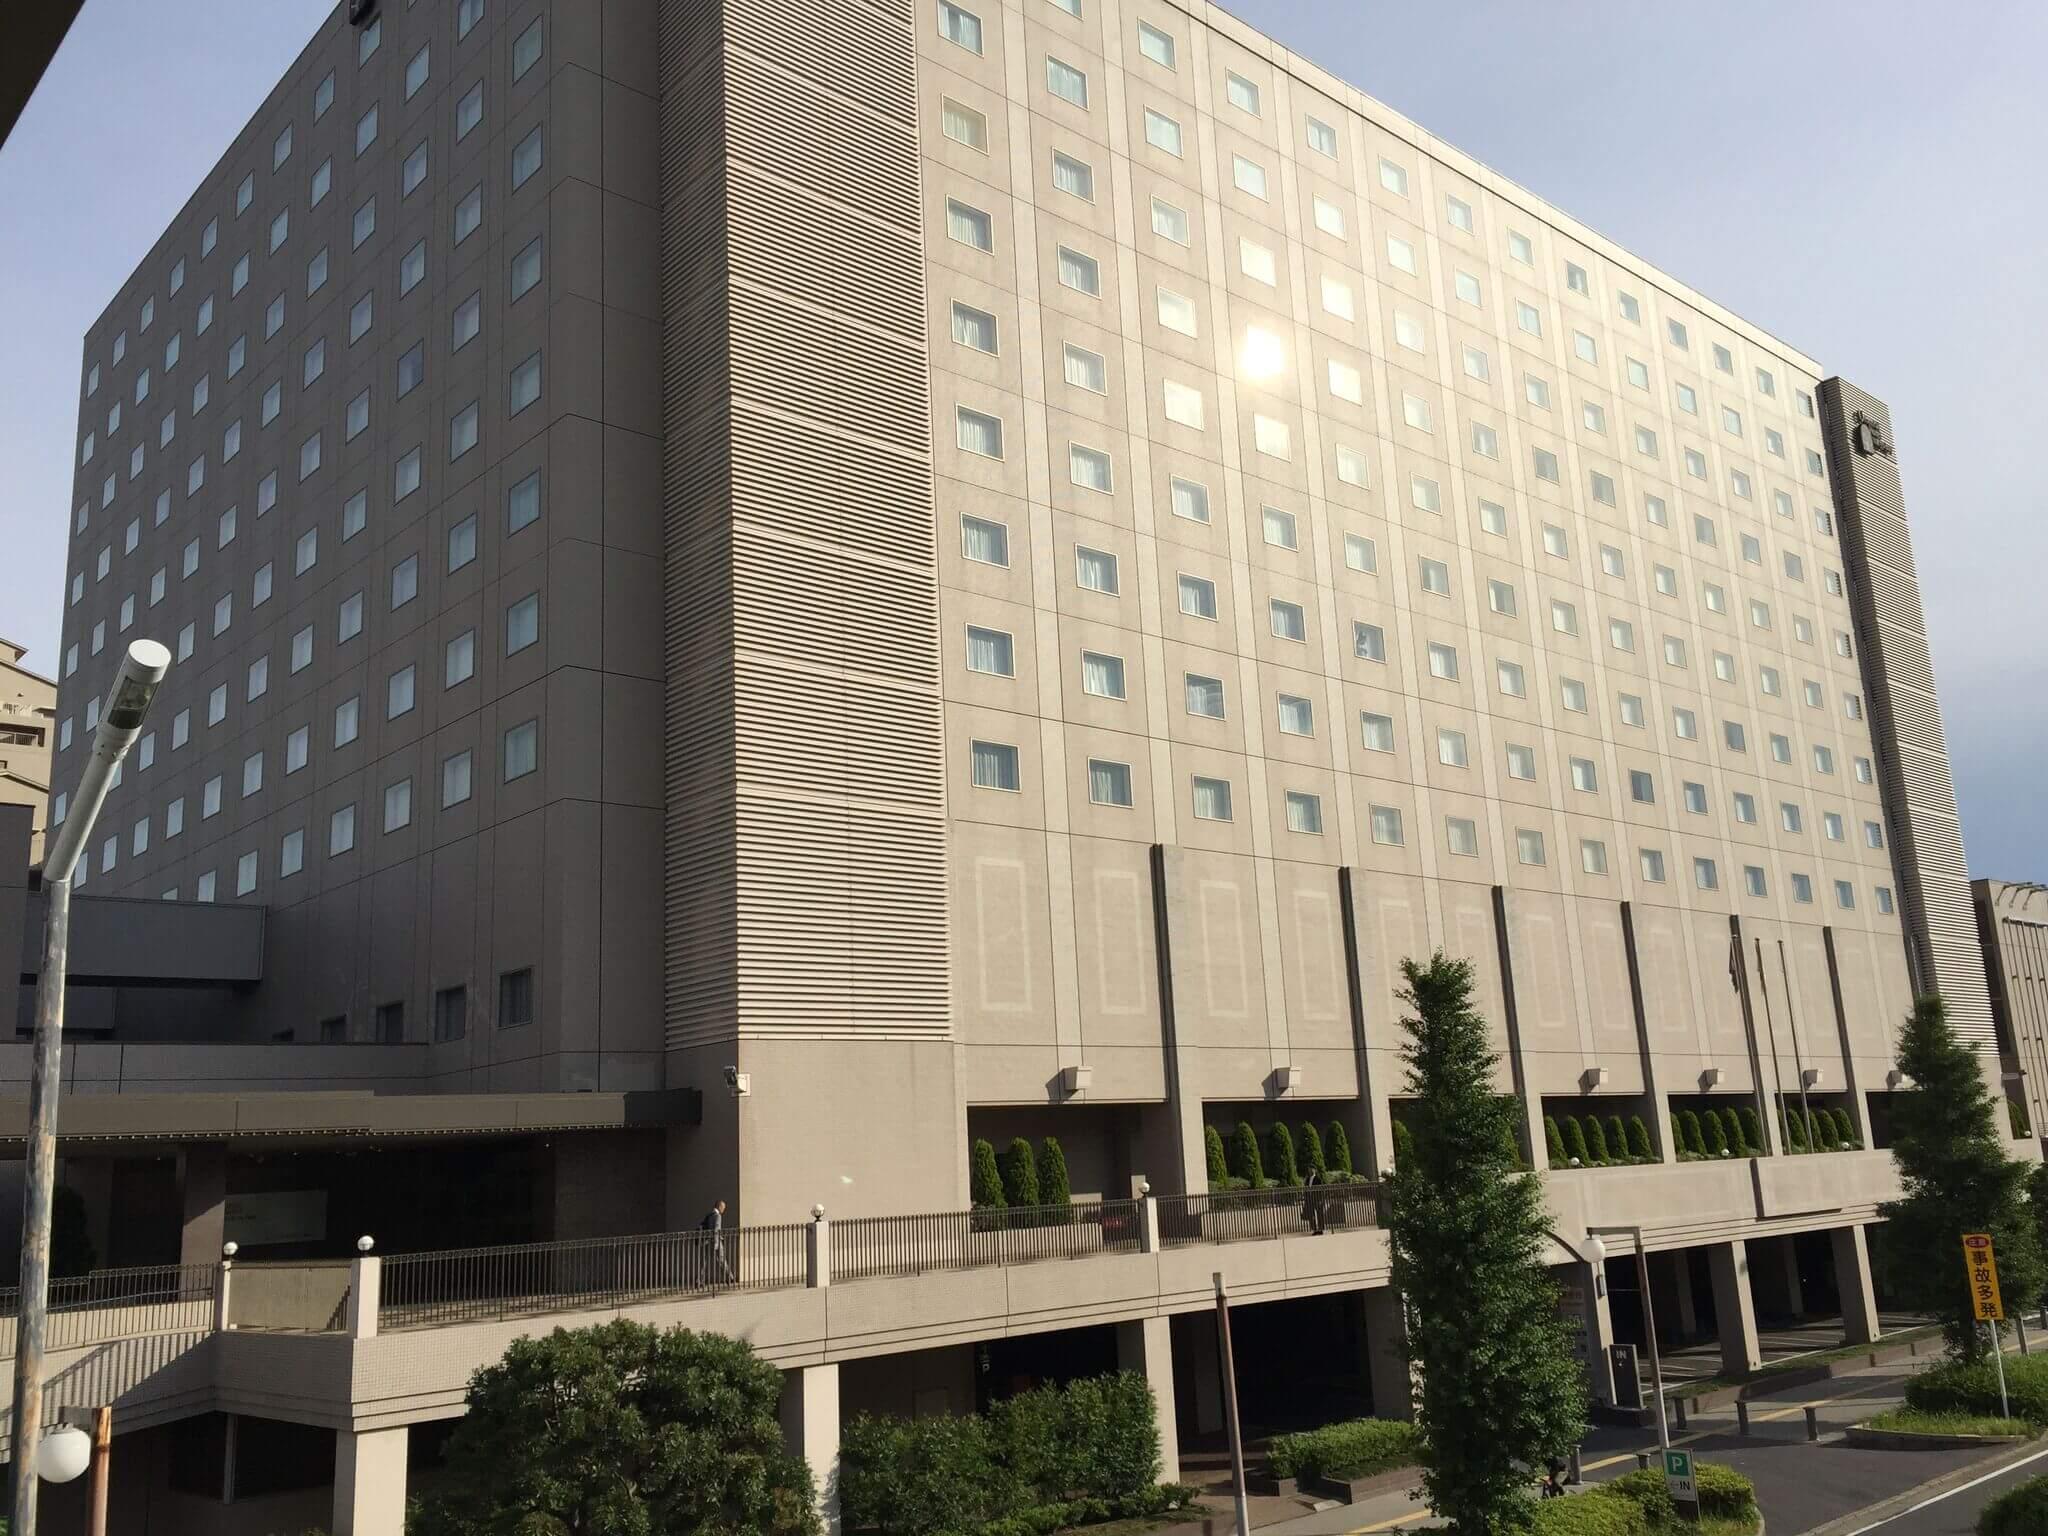 子連れお泊りディズニーなら、オリエンタルホテル東京がお勧め